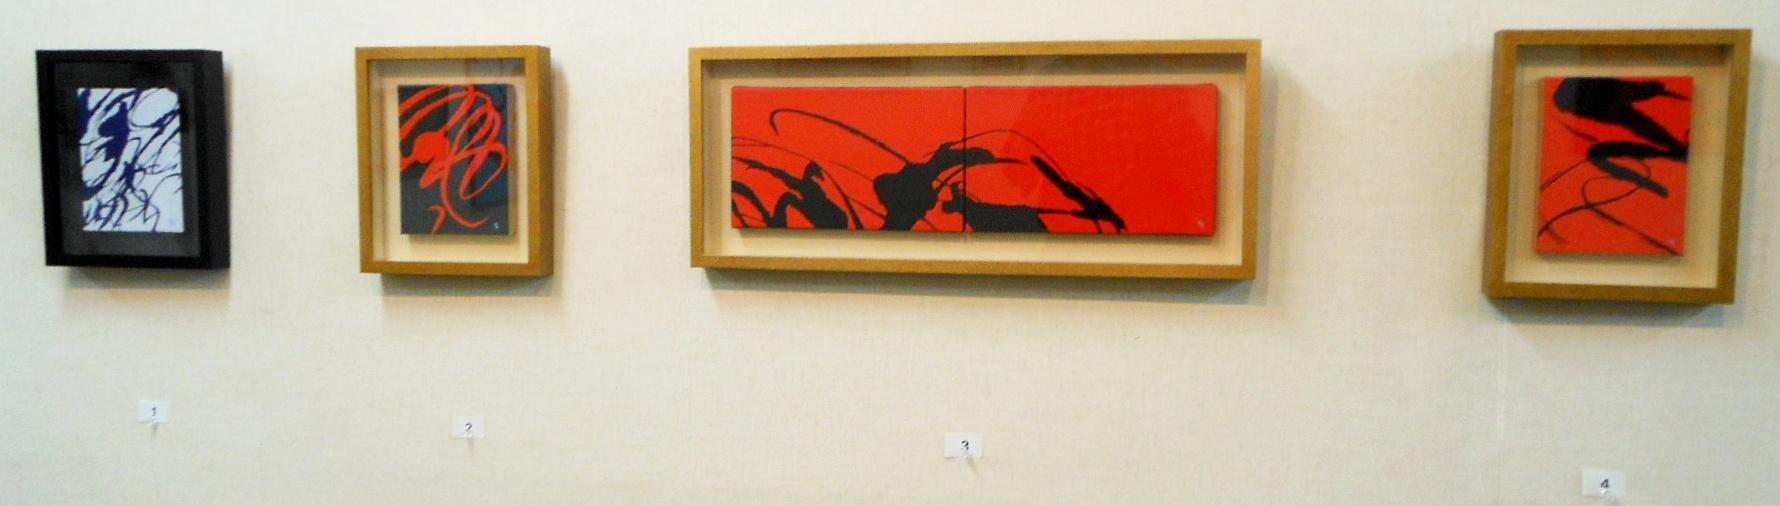 1815) 「江川博・展」 時計台 終了・9月24日(月)~9月29日(土)  _f0126829_9323488.jpg